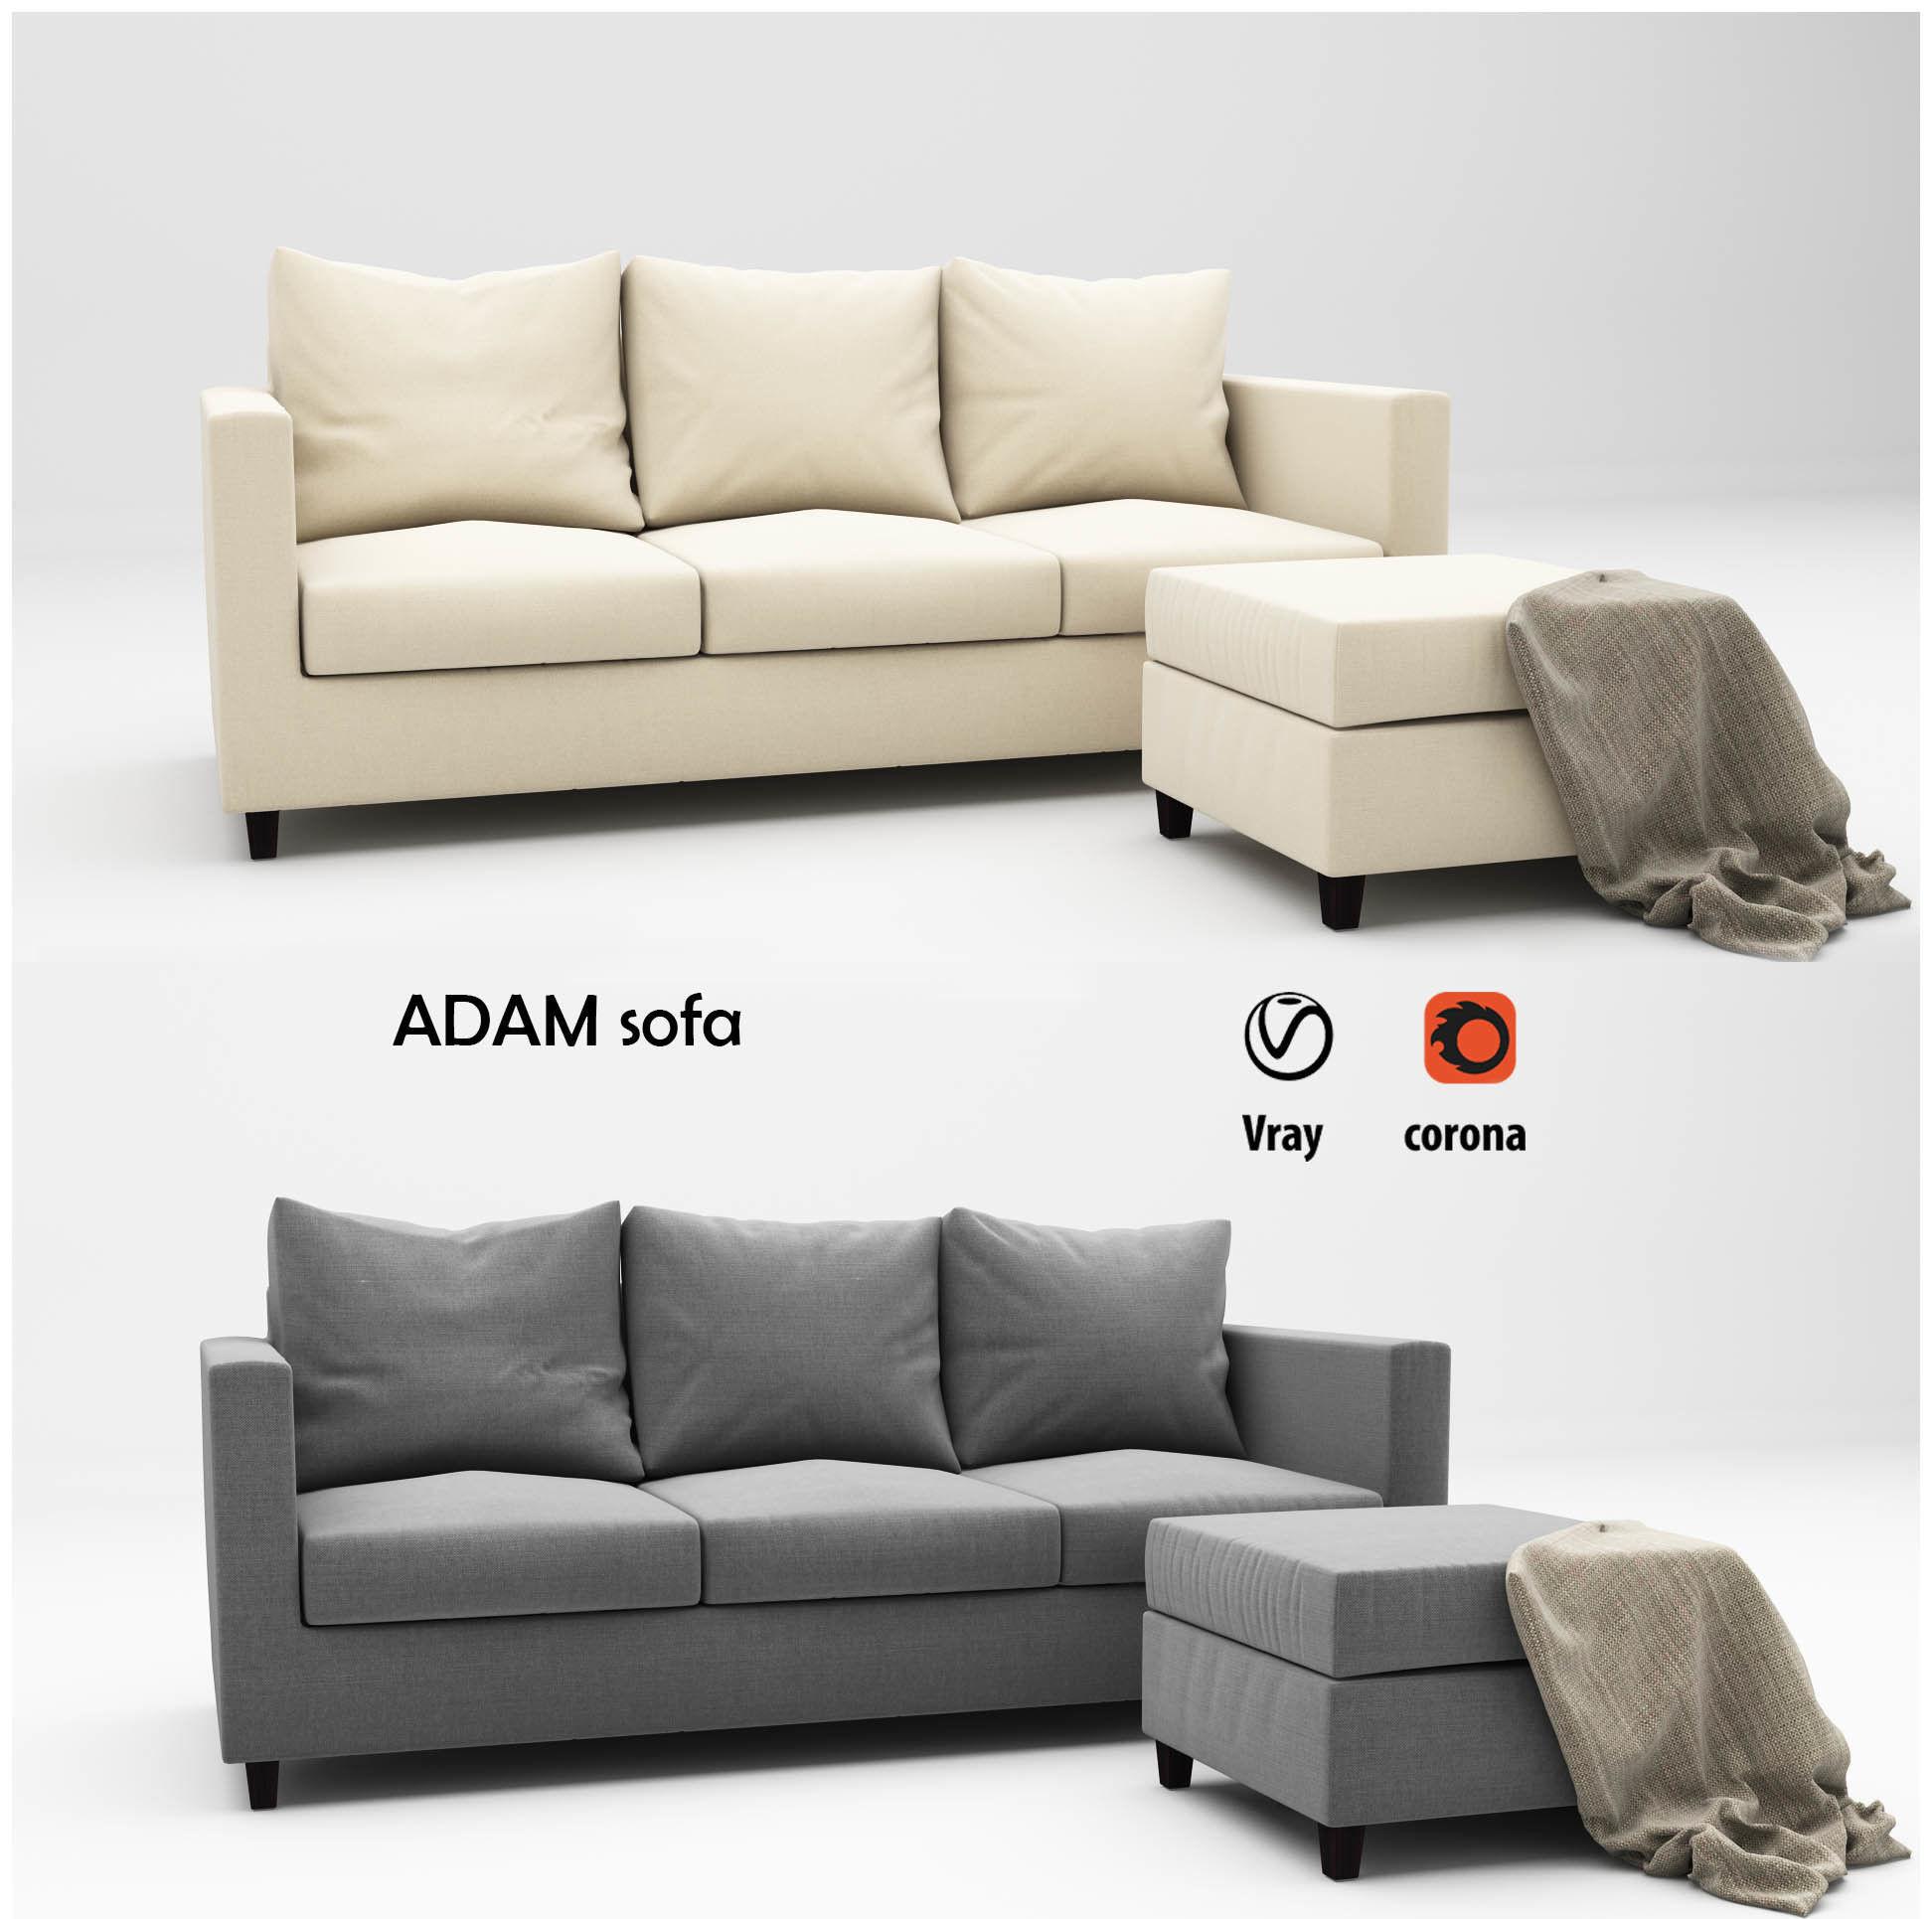 Adam sofa